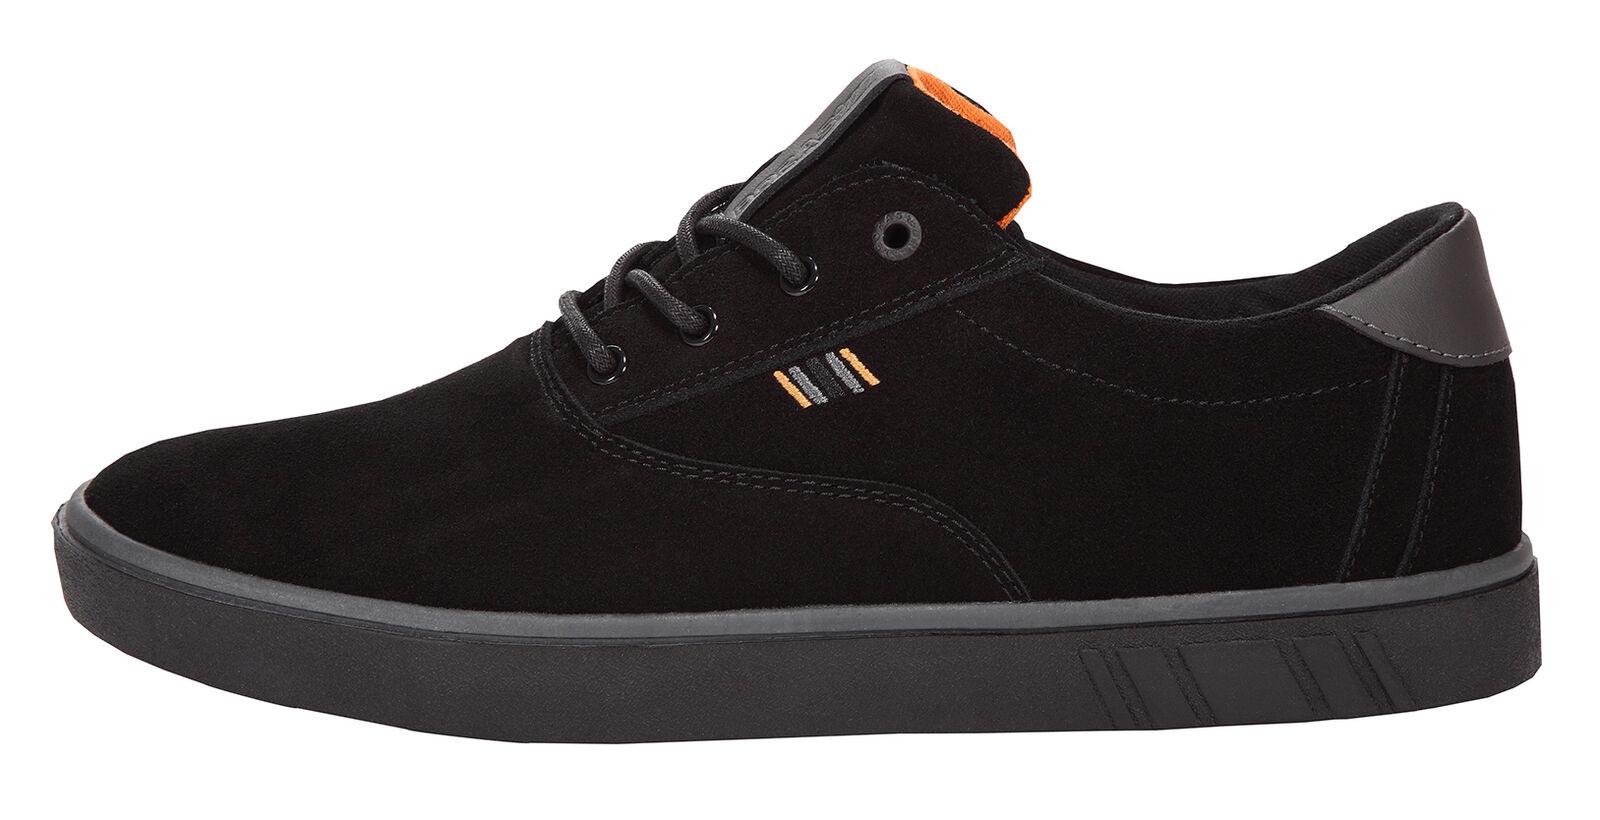 Boras Unisex Sports Turnschuhe  Suede  schwarz graphite Orange